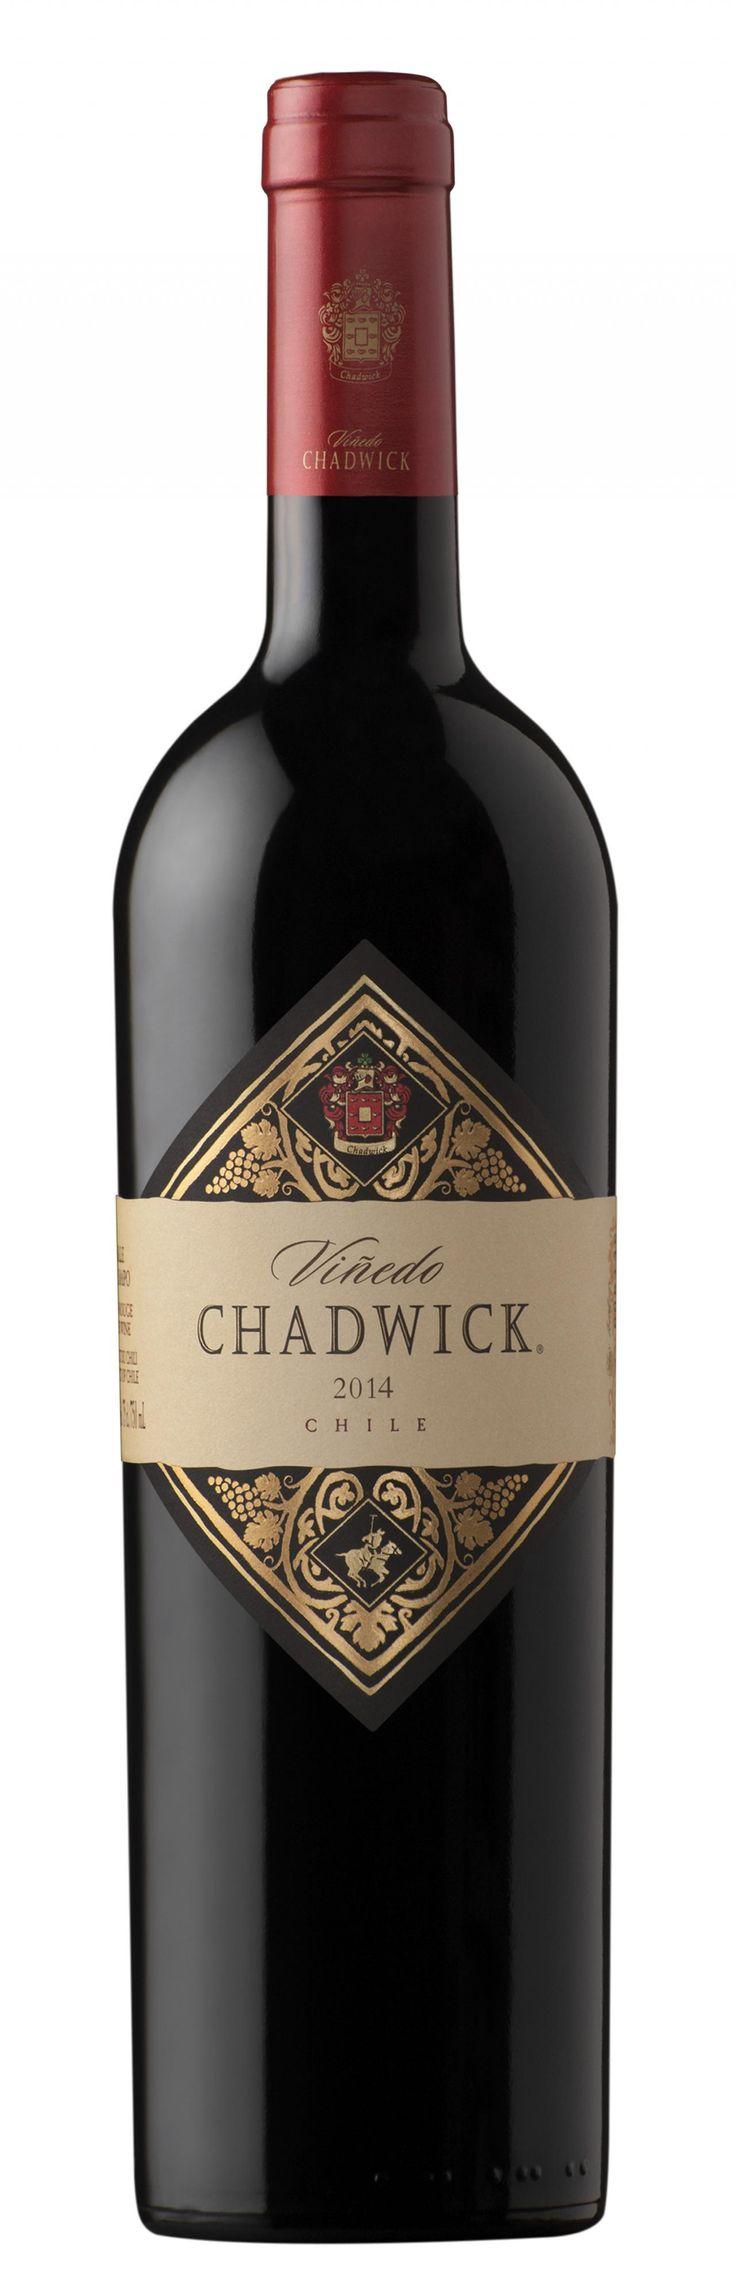 100 Puntos-Parker. Bodega: Errazuriz Wines. Chile. Vino: Chadwick - Puntaje: 100 puntos Parker otorgado por James Suckling en 2016. Primer vino chileno en lograr los 100 puntos de la excelencia.